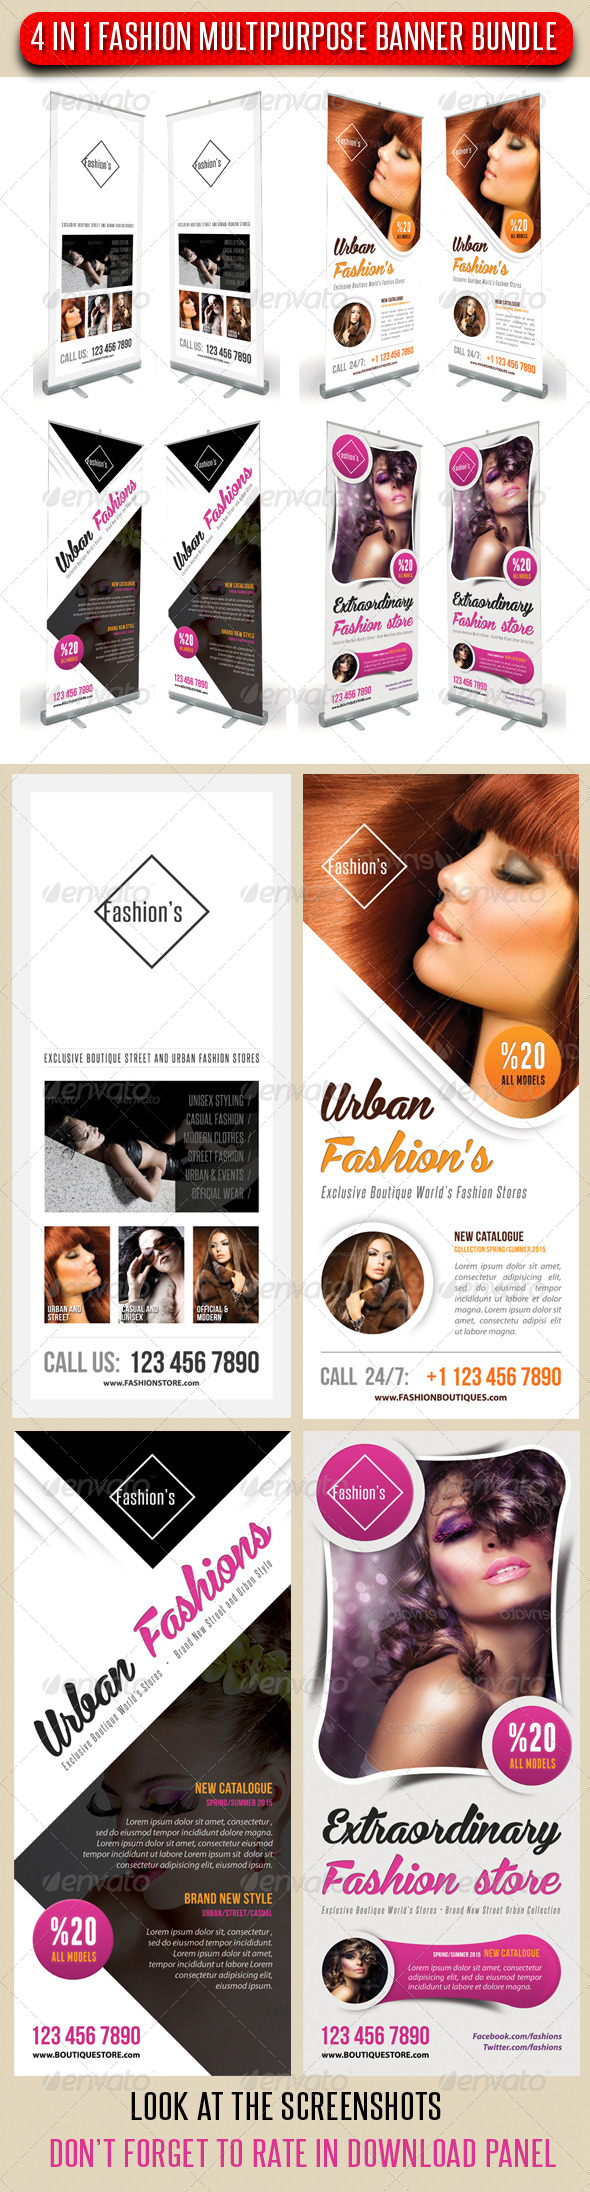 GraphicRiver 4 in 1 Fashion Multipurpose Banner Bundle 11 7565193